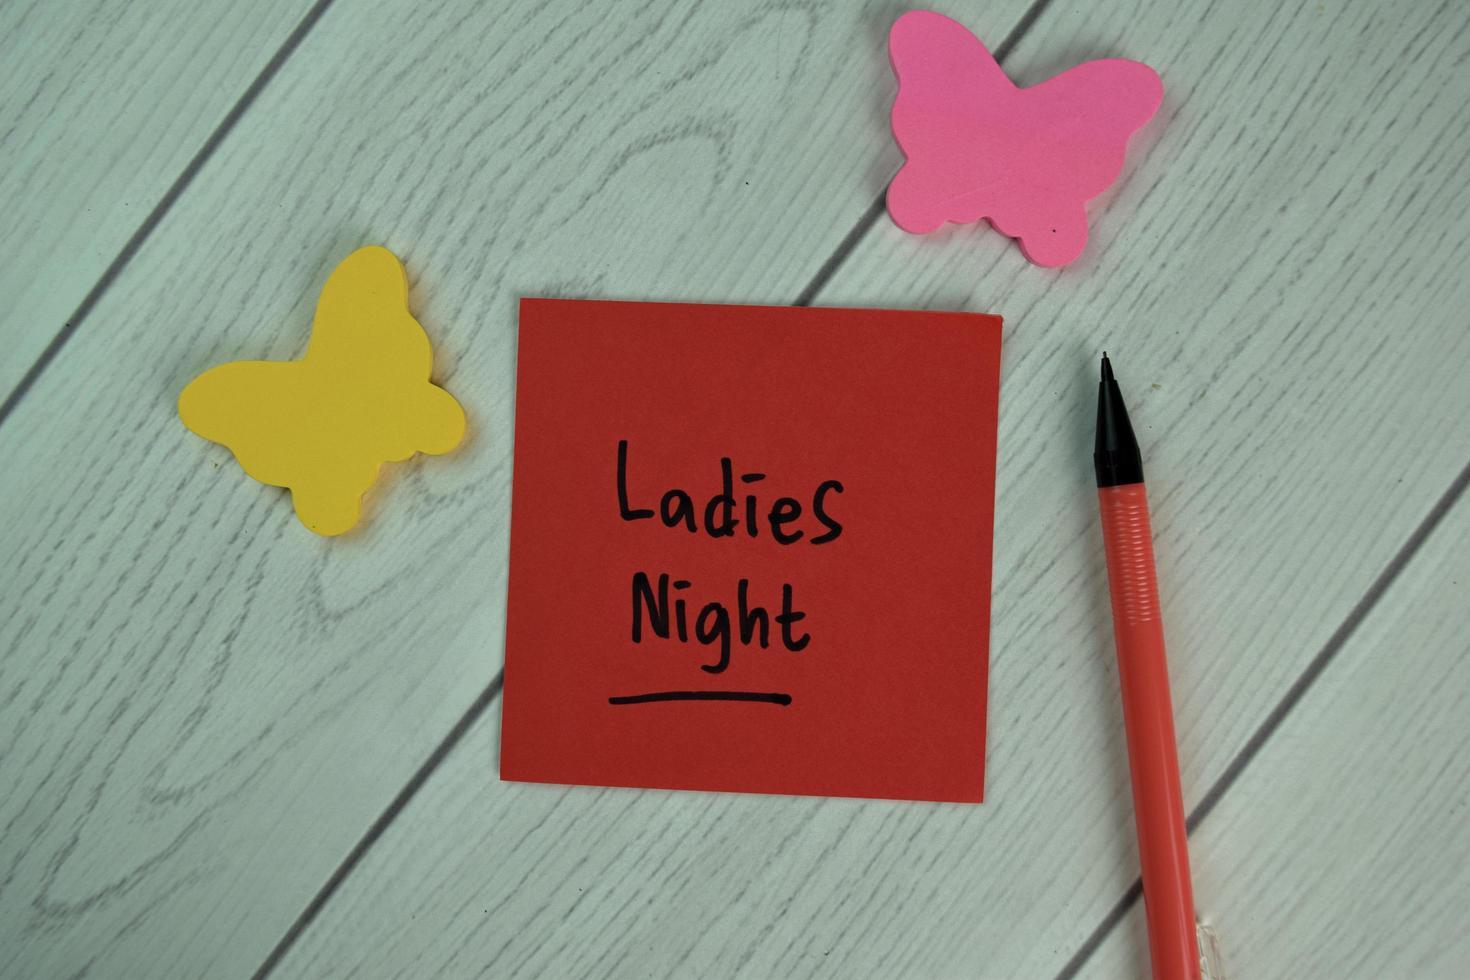 damkväll skriven på fästis isolerad på träbord foto